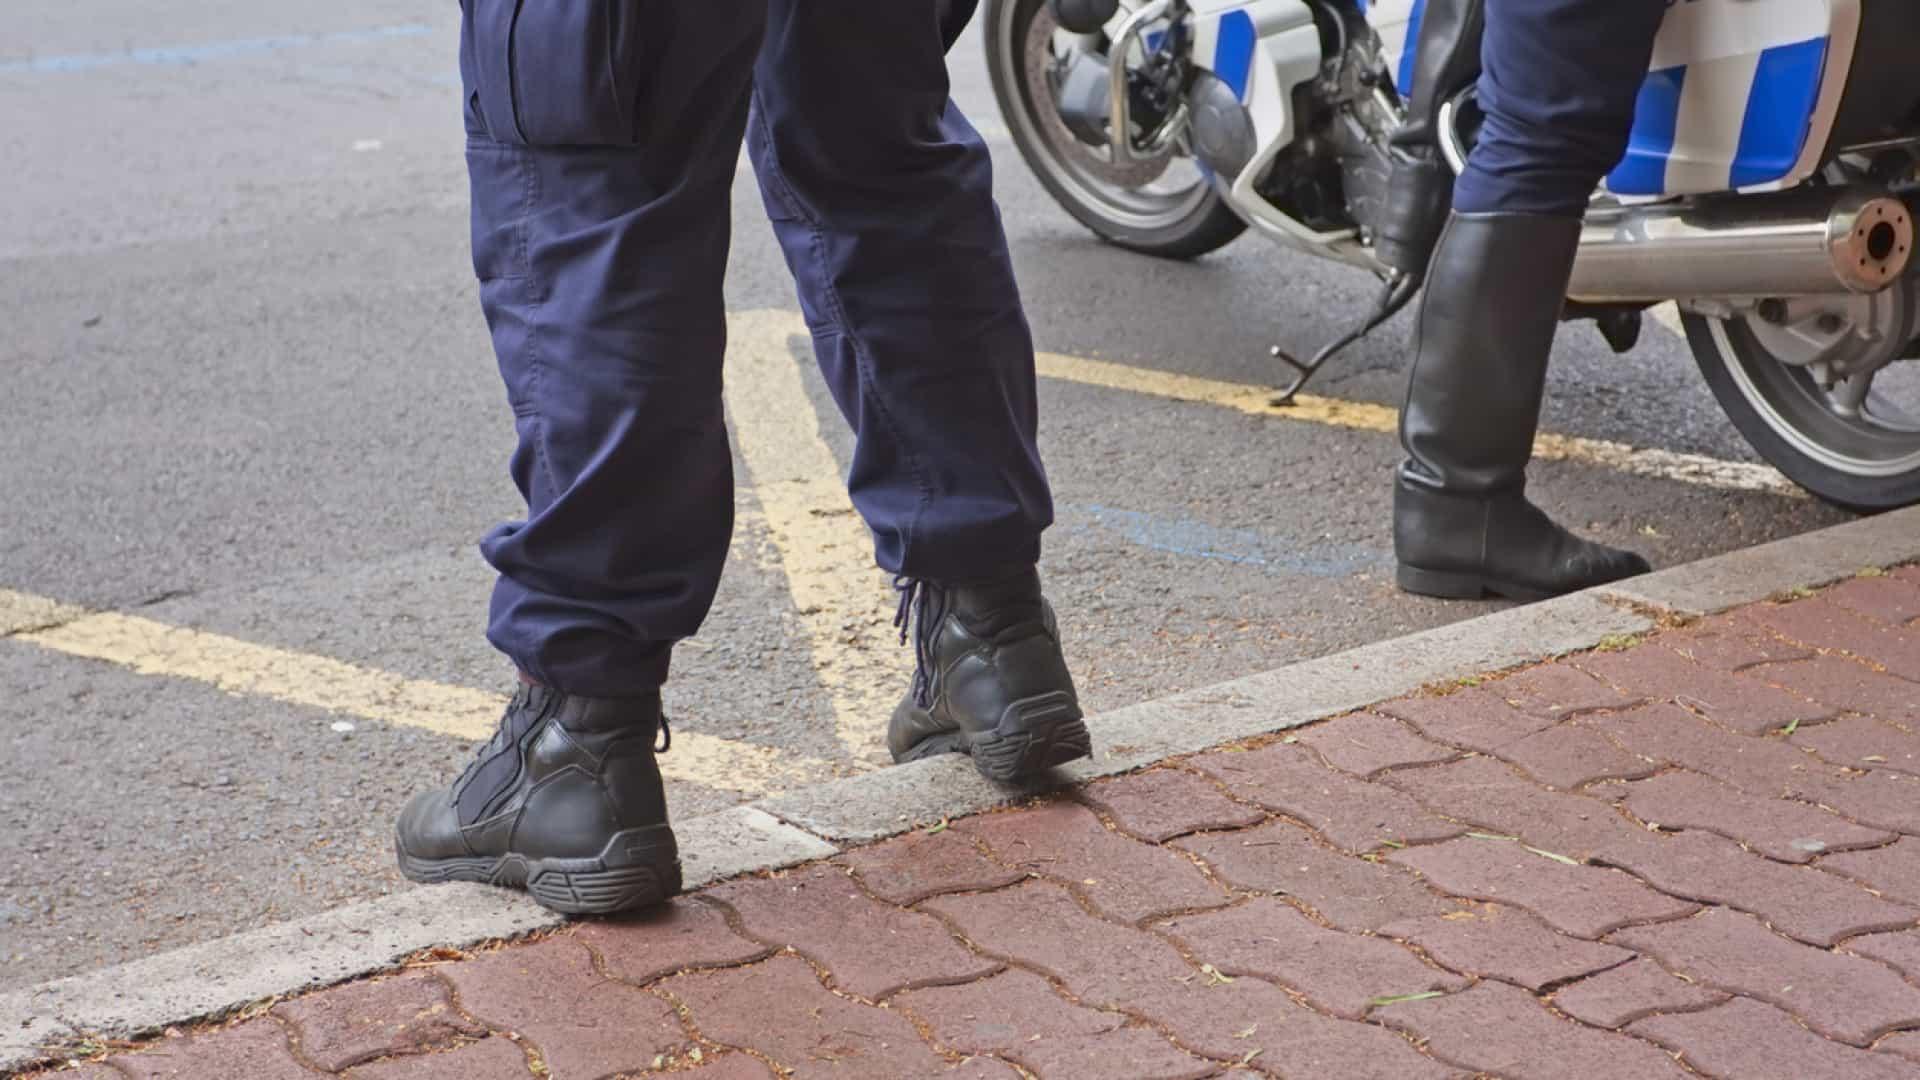 PSP expulsou 12 polícias e suspendeu 50 em 2019